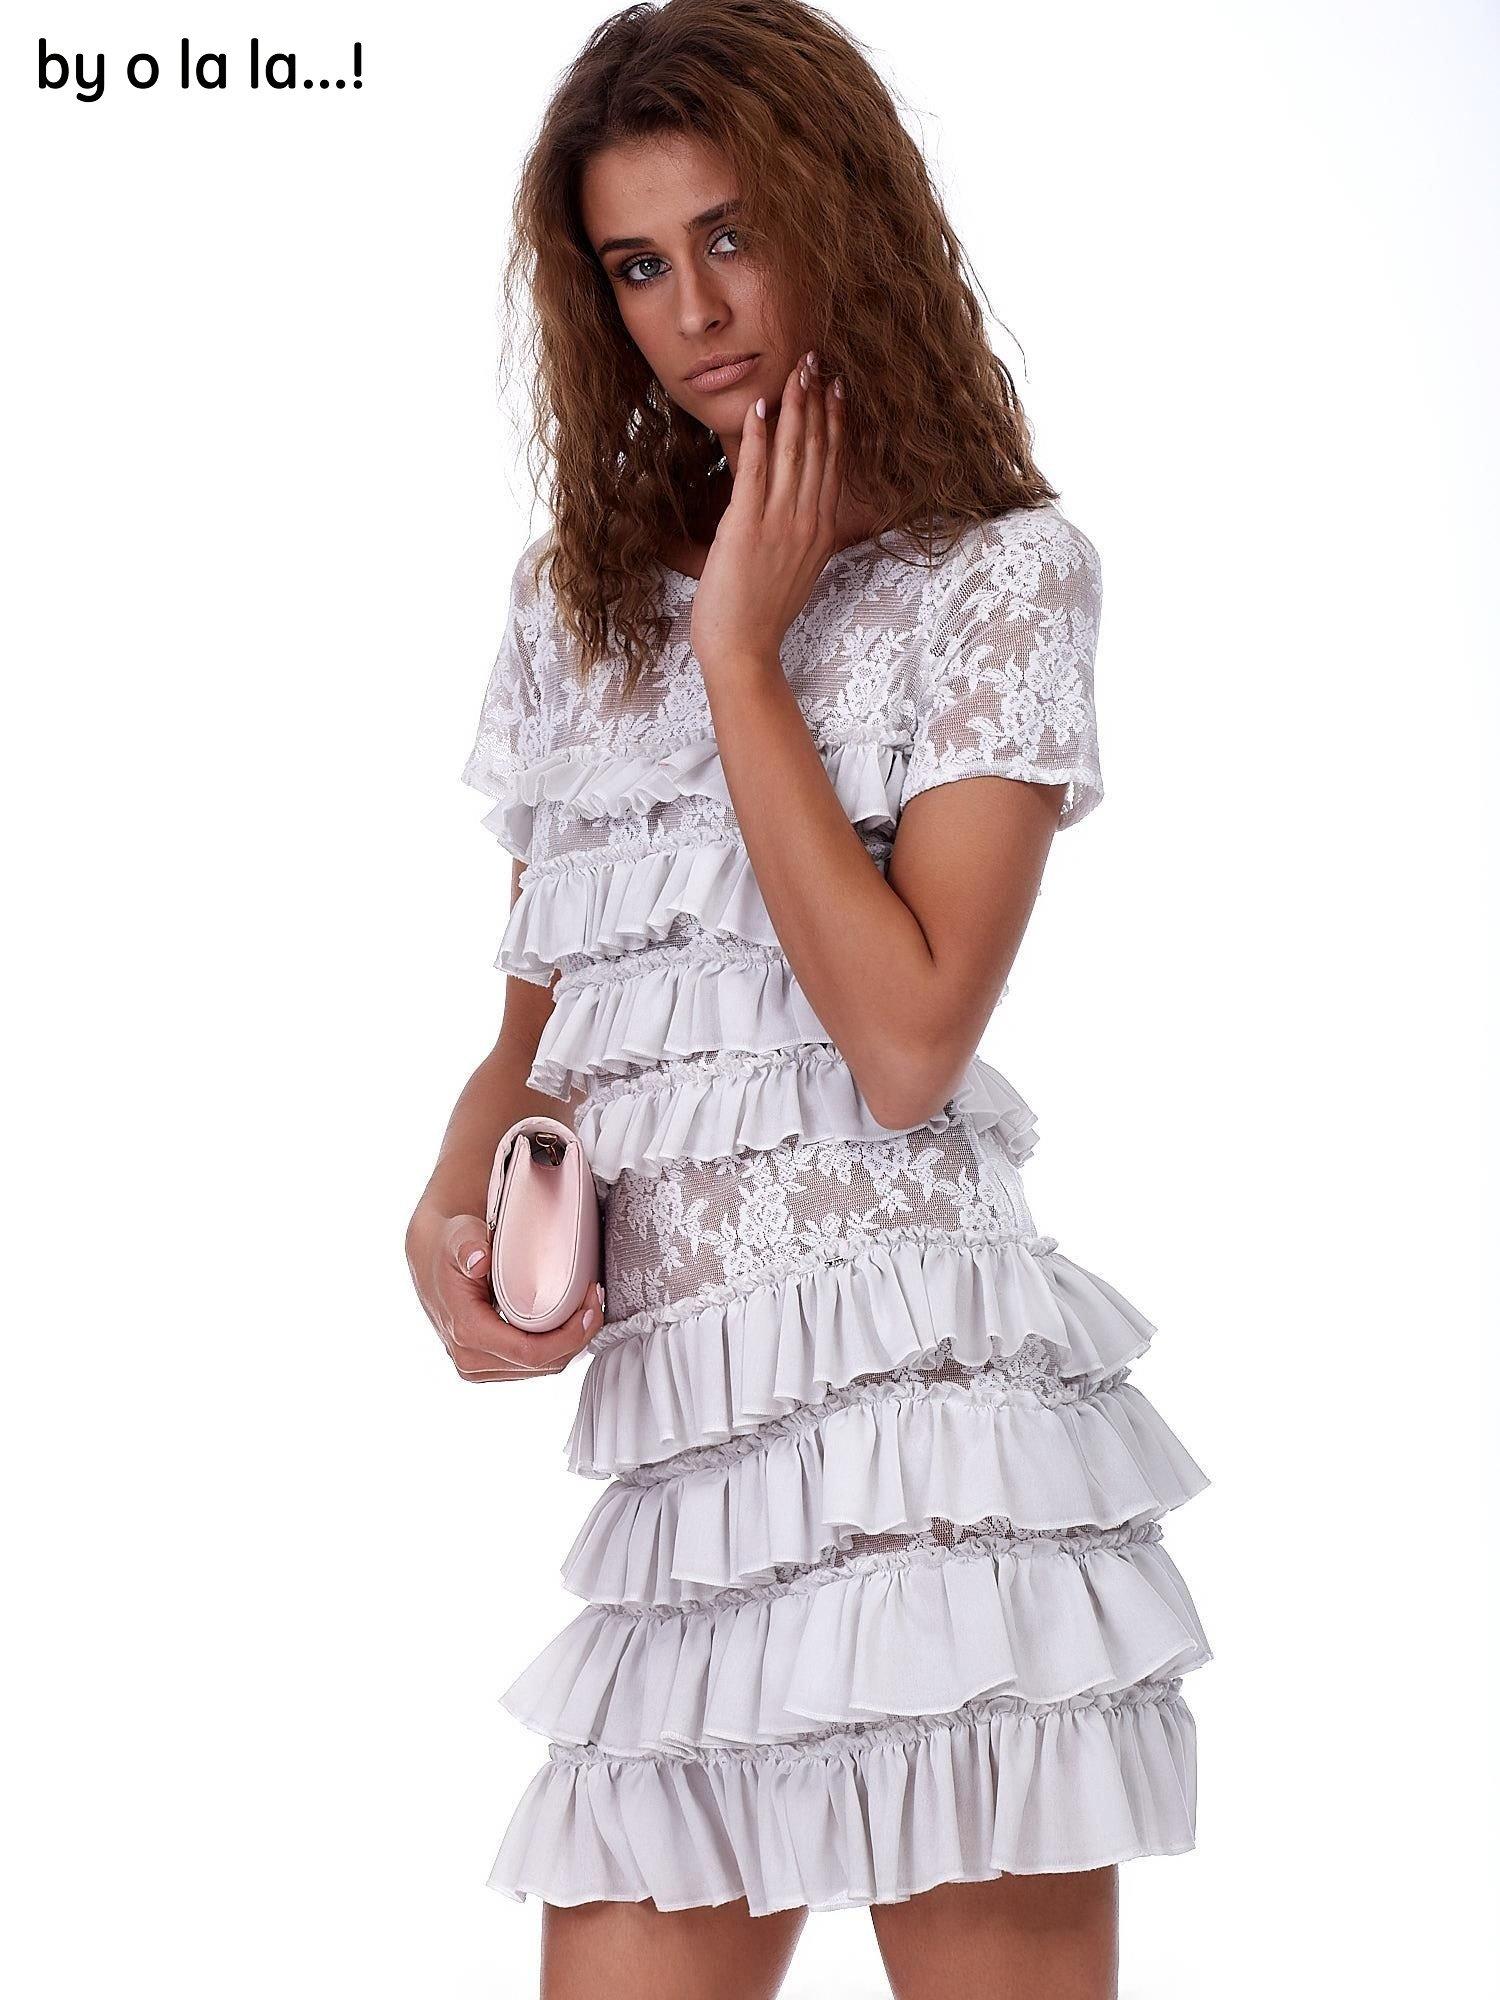 12f19a52c1 Sukienka szara koronkowa z falbanami BY O LA LA - Sukienka ...